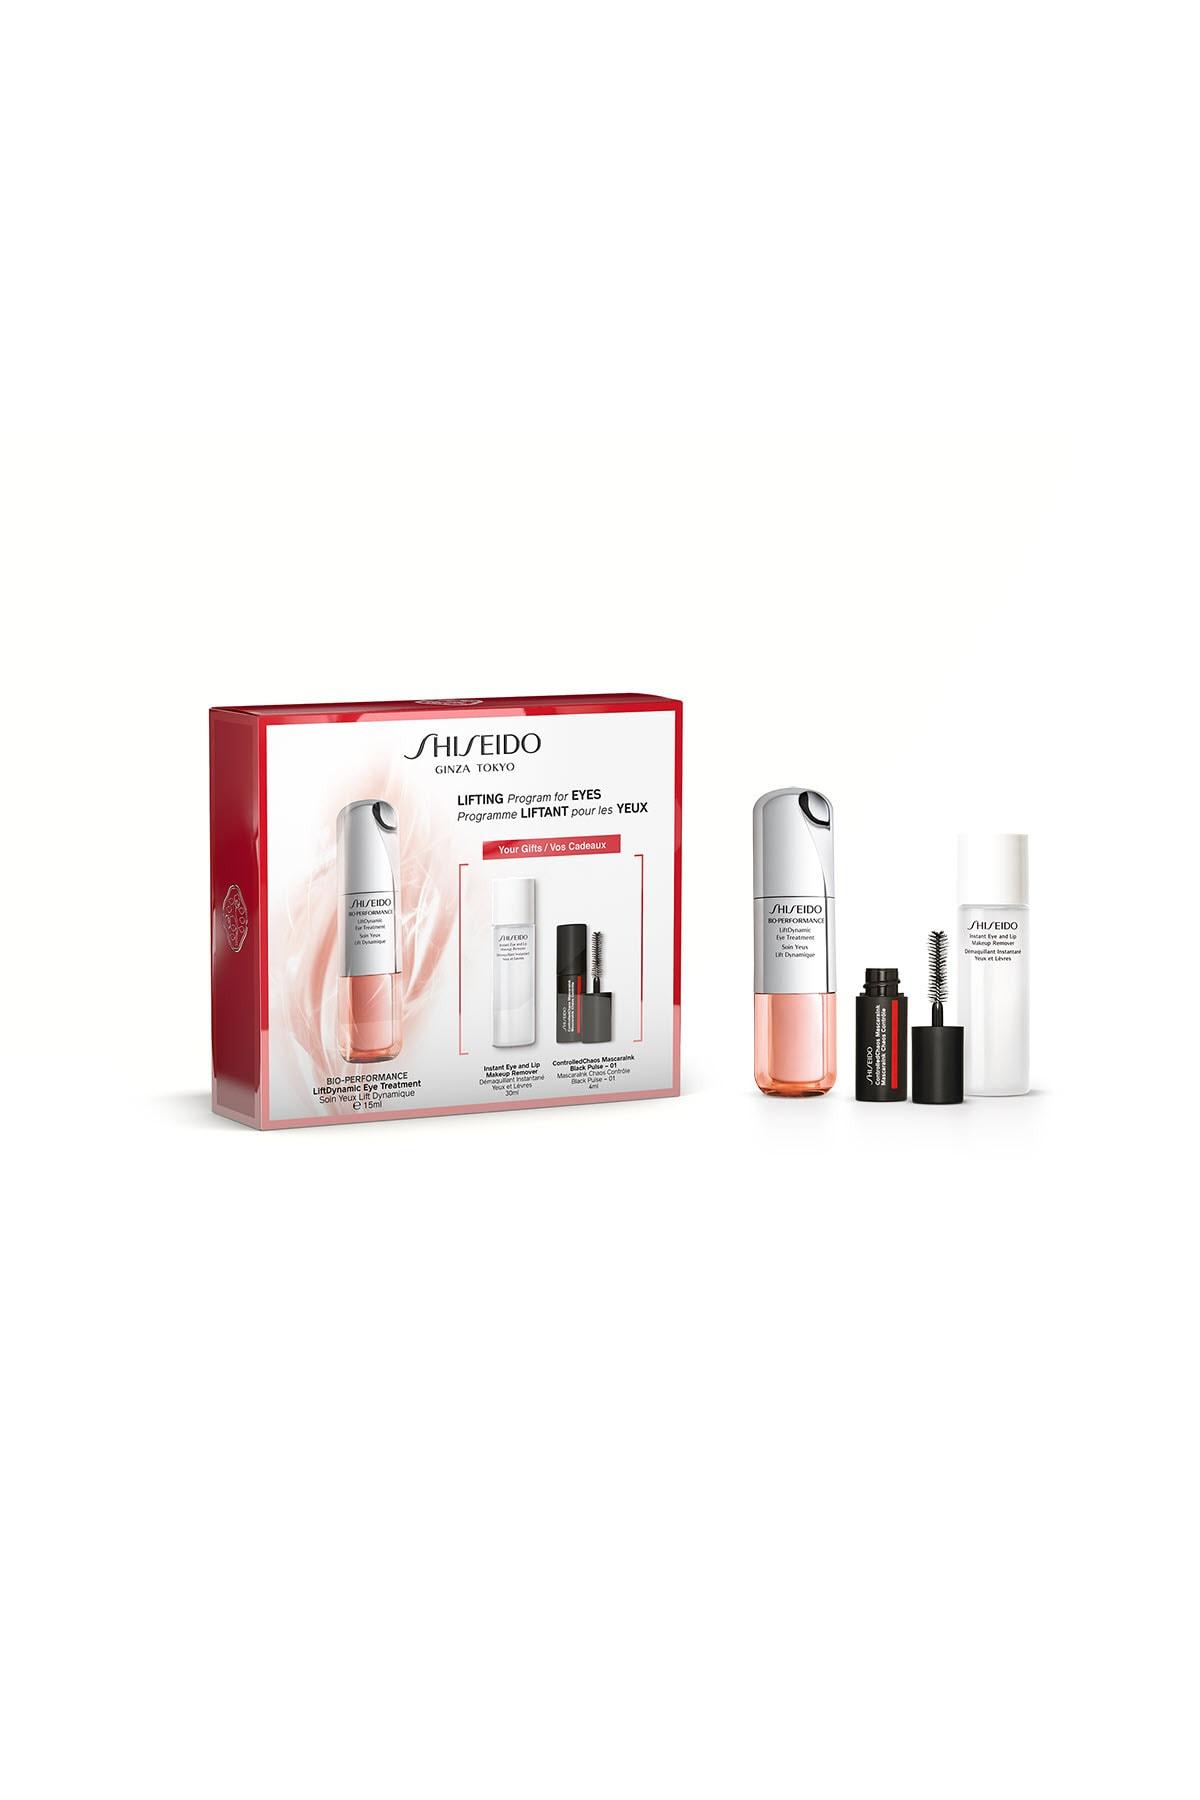 Shiseido Göz Çevresini Sıkılaştıran ve Nemlendiren Bakım Seti - BOP Lift Dynamic Eye Care Set 3598380364111